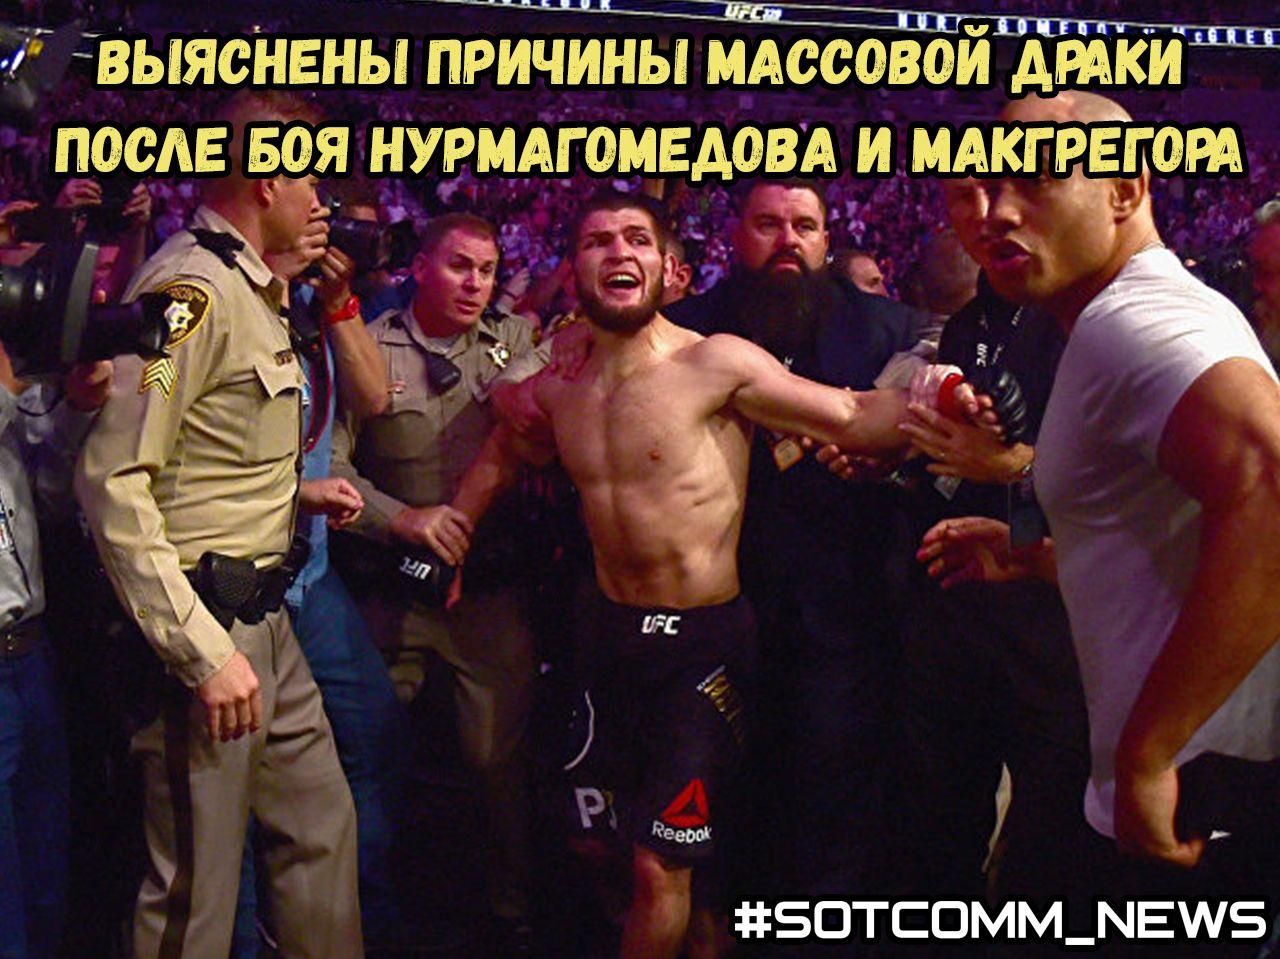 Выяснены причины массовой драки после боя Нурмагомедова и Макгрегора